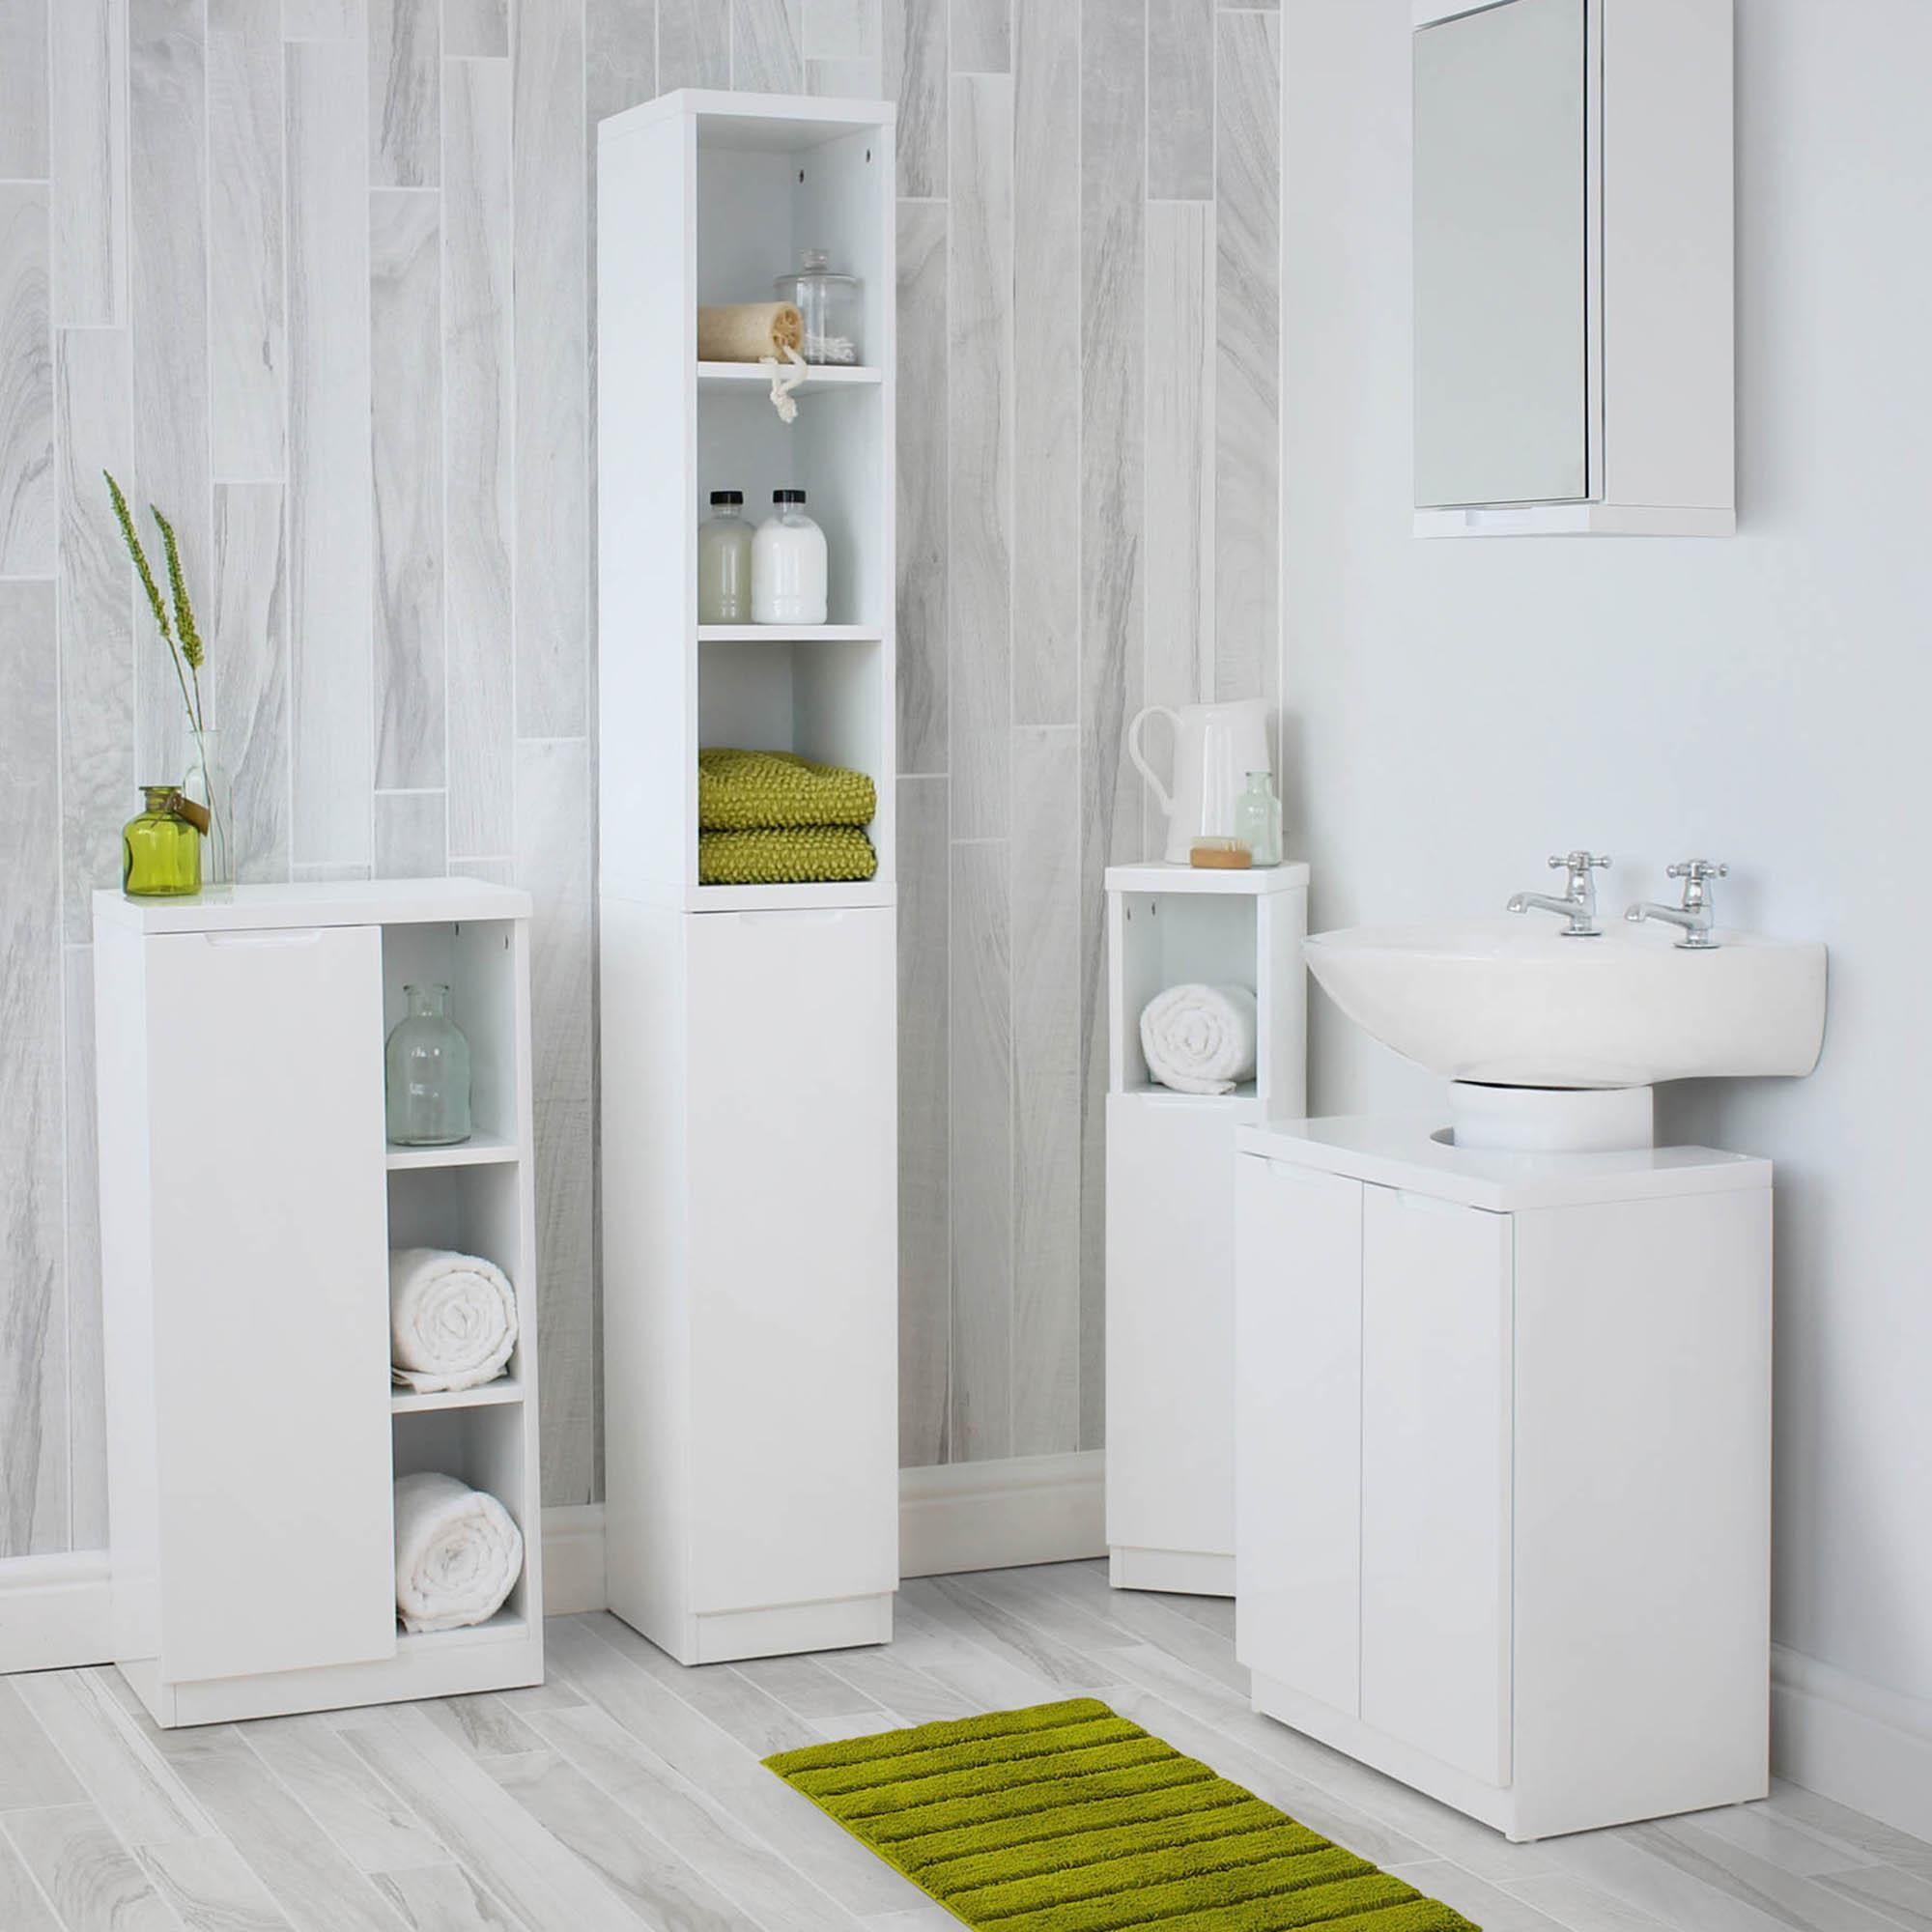 Siena White Console Unit In 2020 Bathroom Tallboy White Corner Cabinet Bathroom Wall Cabinets White